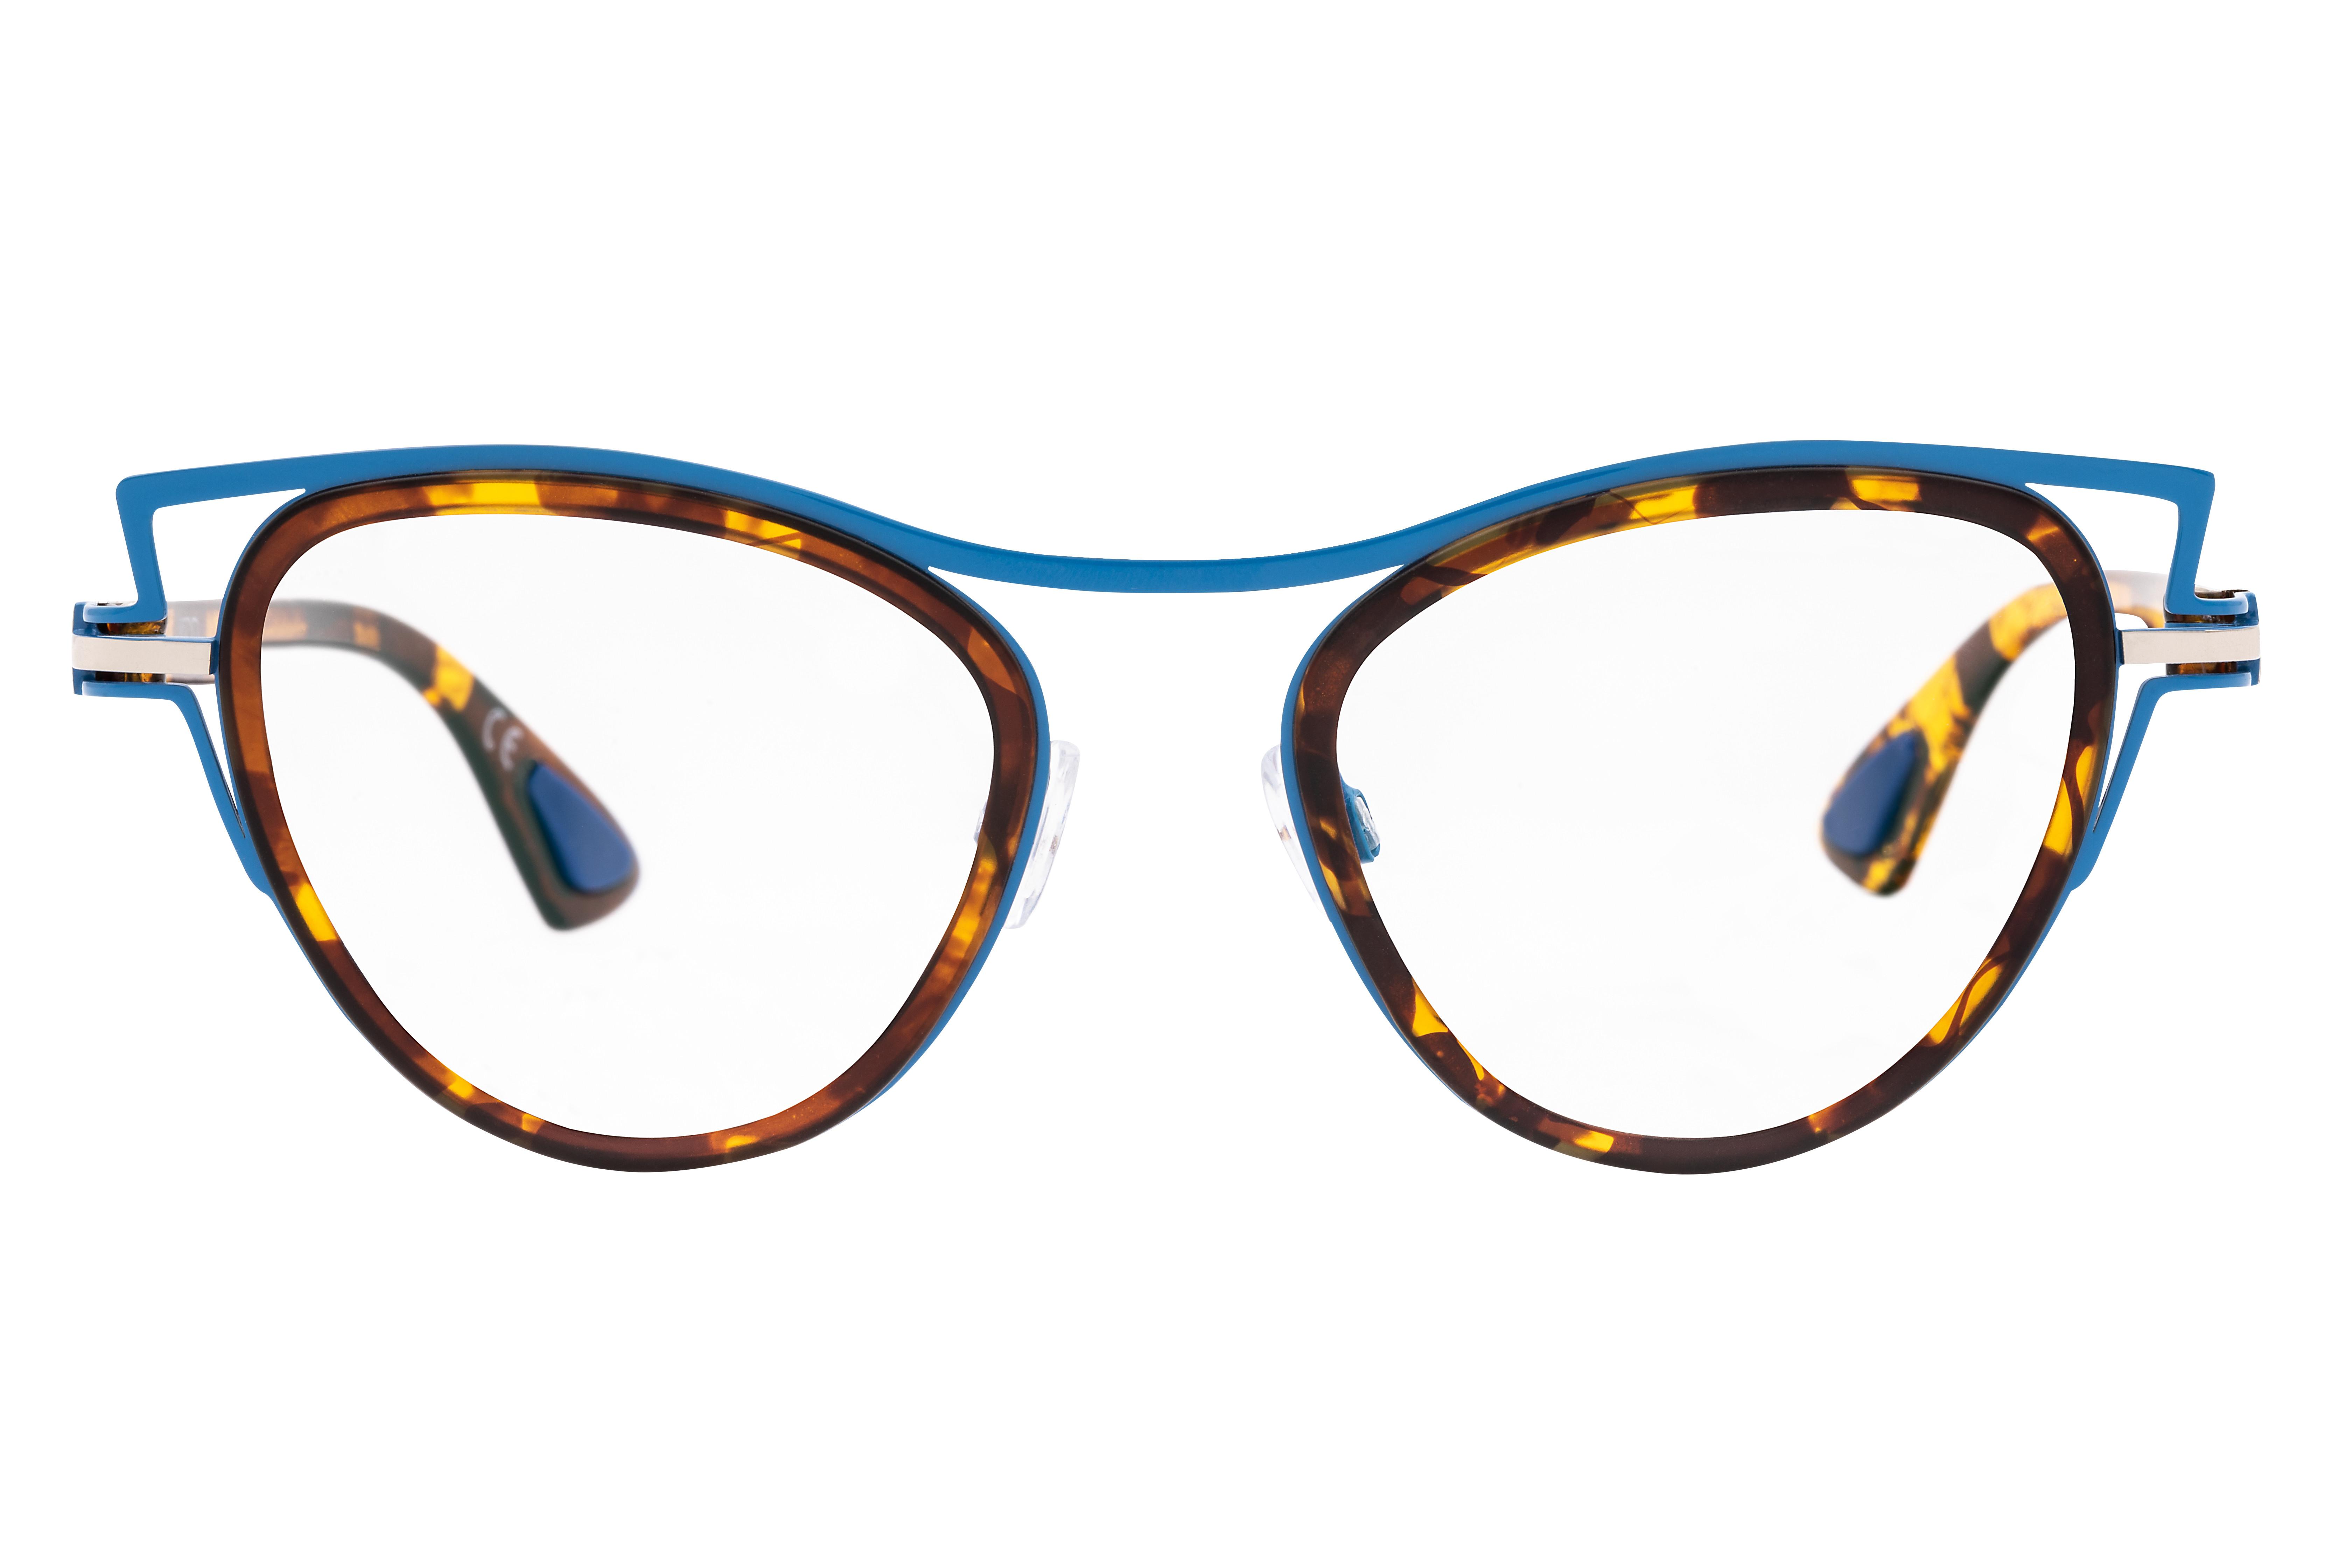 Gatuno futurista - El ojo de gato conserva su popularidad. Impulsa su versatilidad en el estilismo nostálgico y elegante. (WGSN)